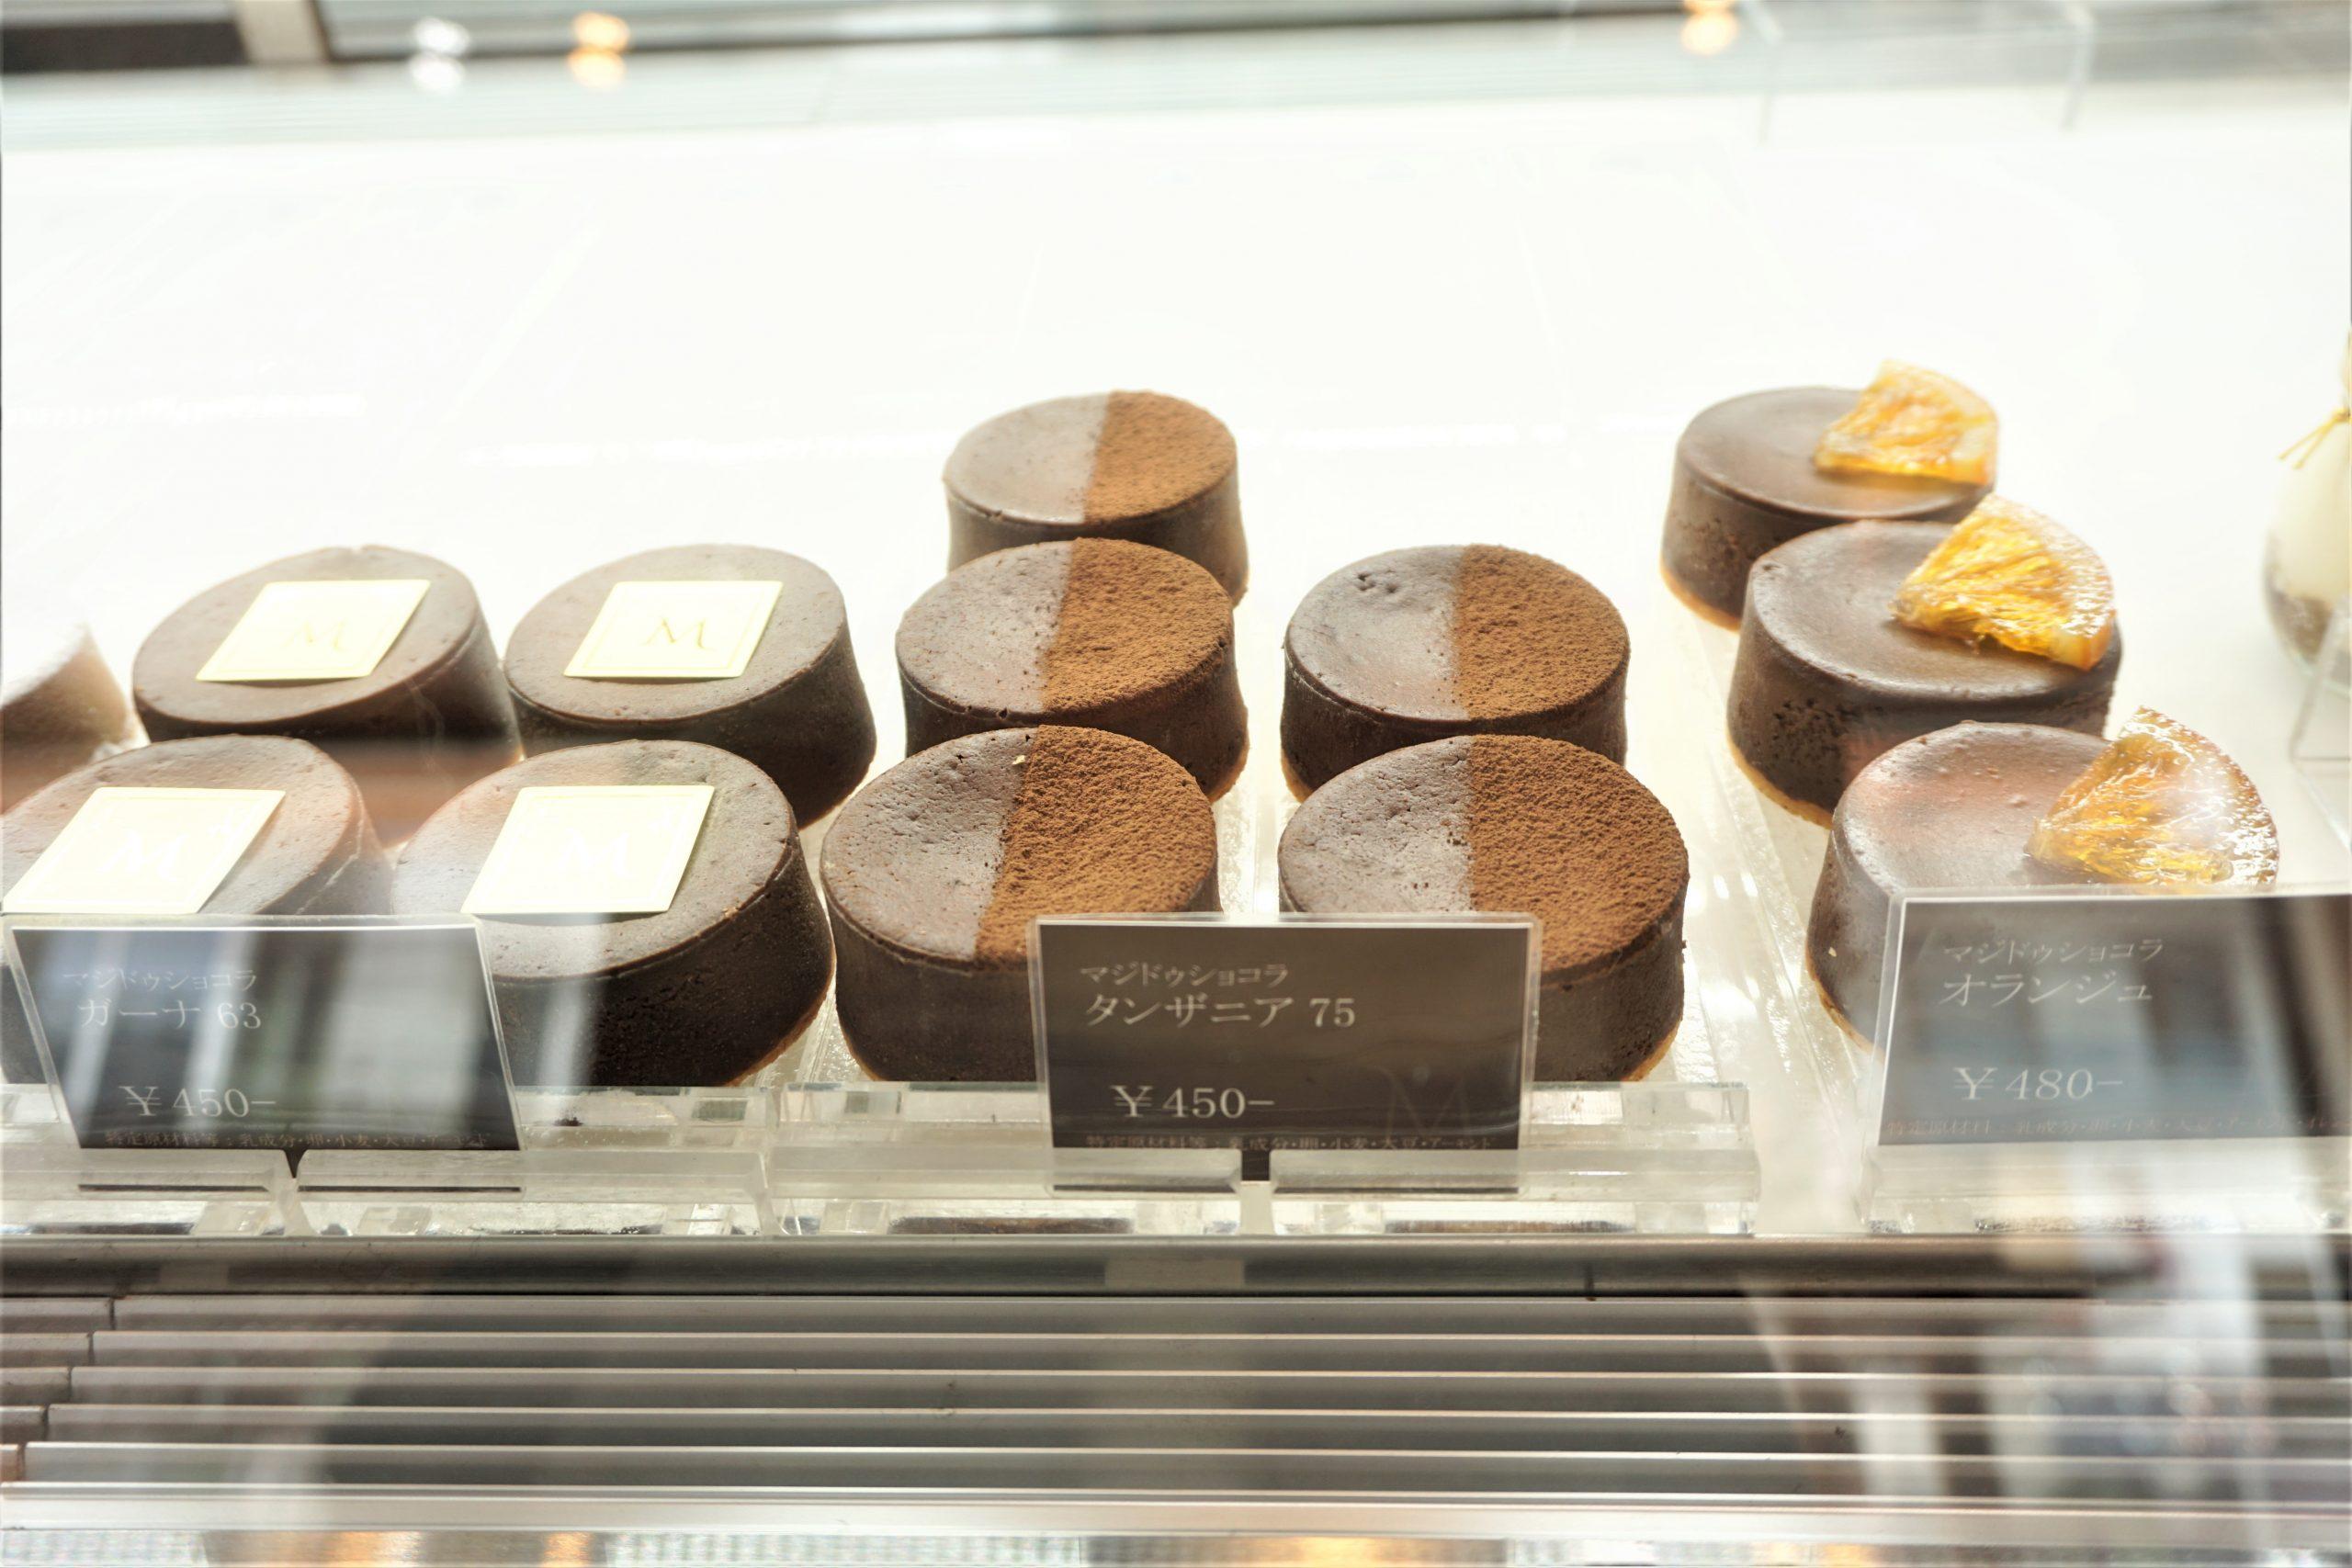 チョコの魔法にかかる!スイーツ激戦区自由が丘にあるチョコレート専門店「MAGIE DU CHOCOLAT」のプリンは一度食べると忘れられない味